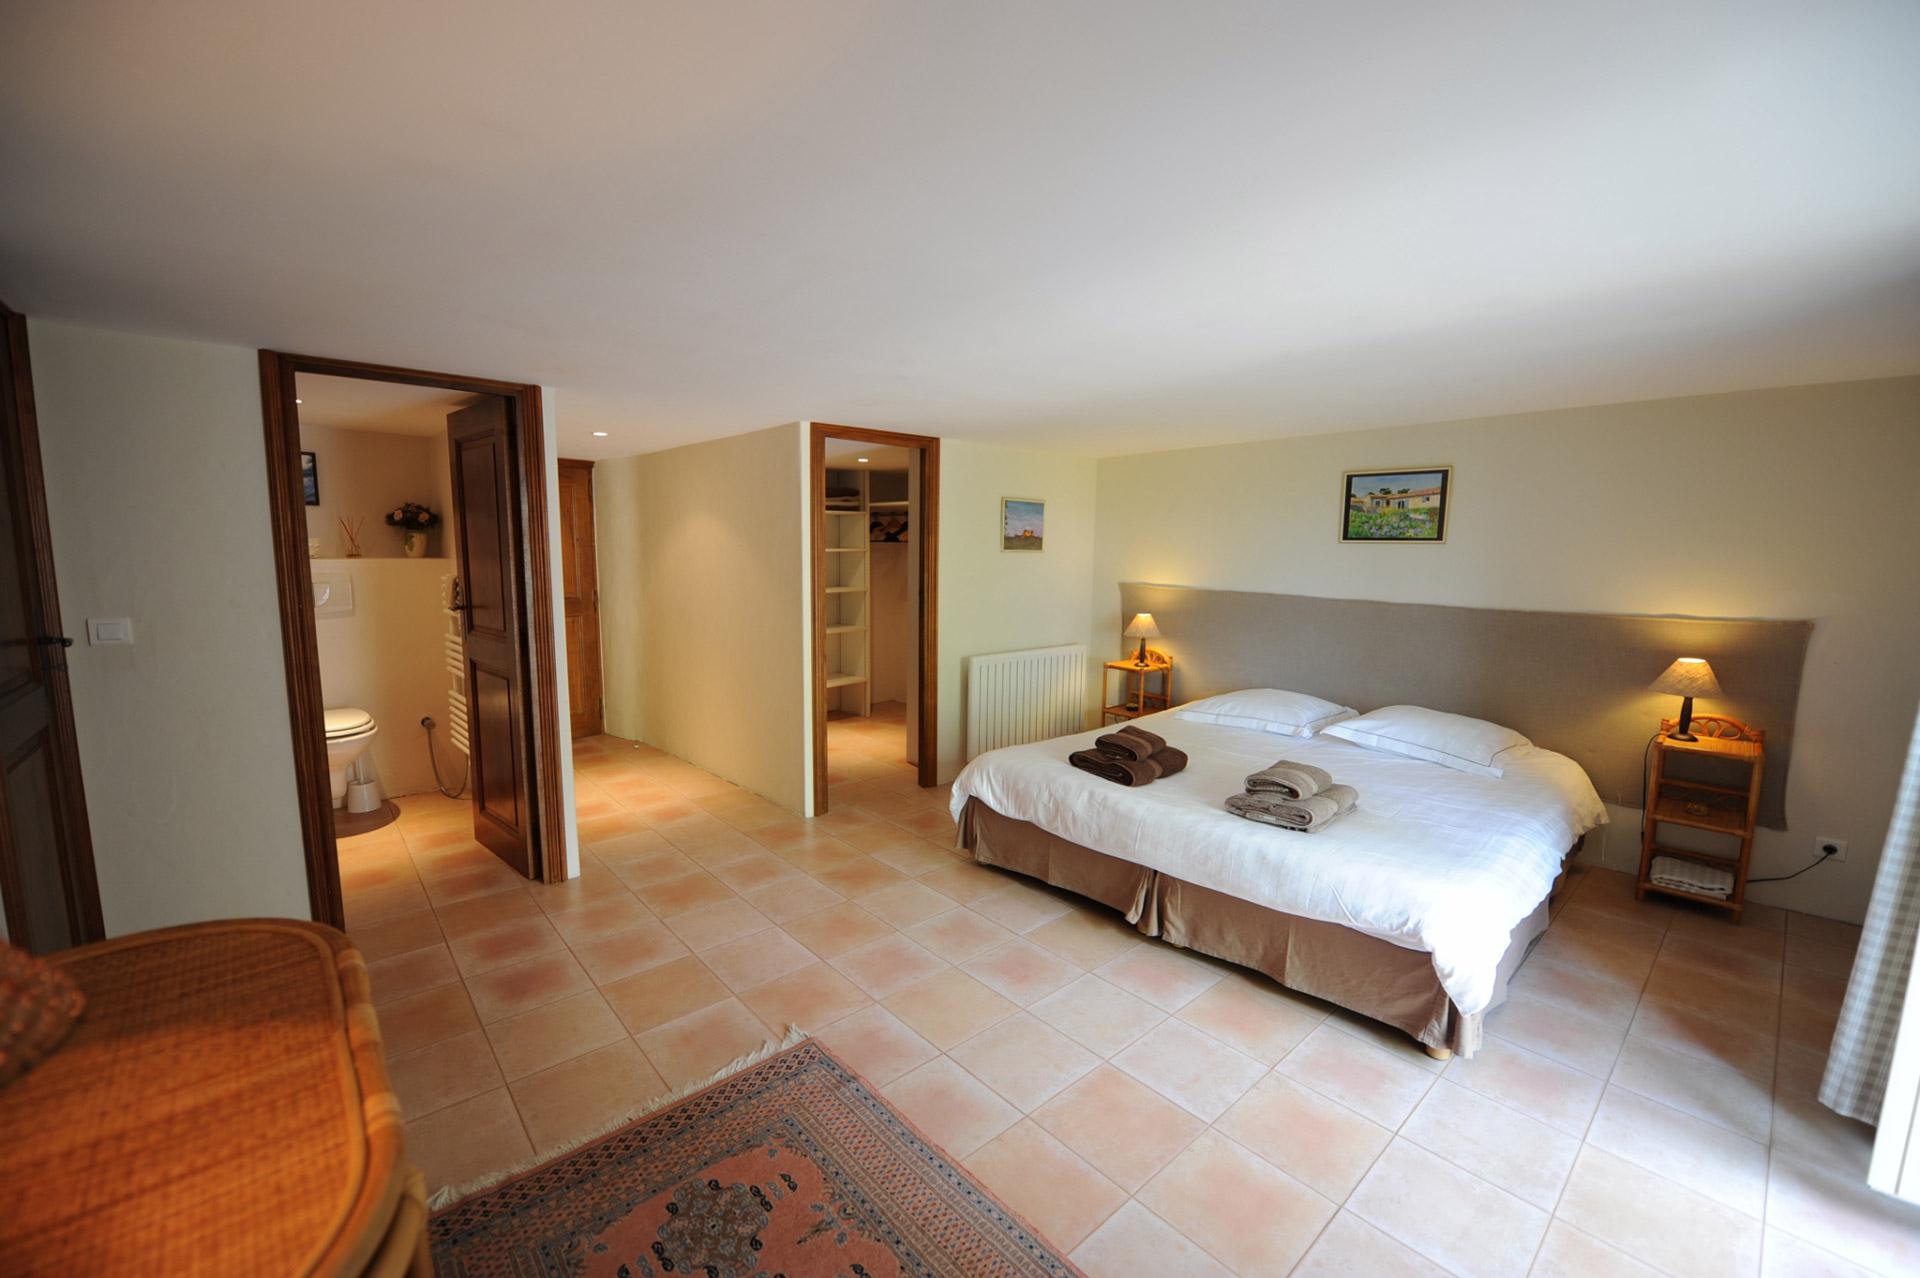 En Luberon, à vendre, mas en pierres d'environ 700 m², sur plus de 5 hectares de terrain